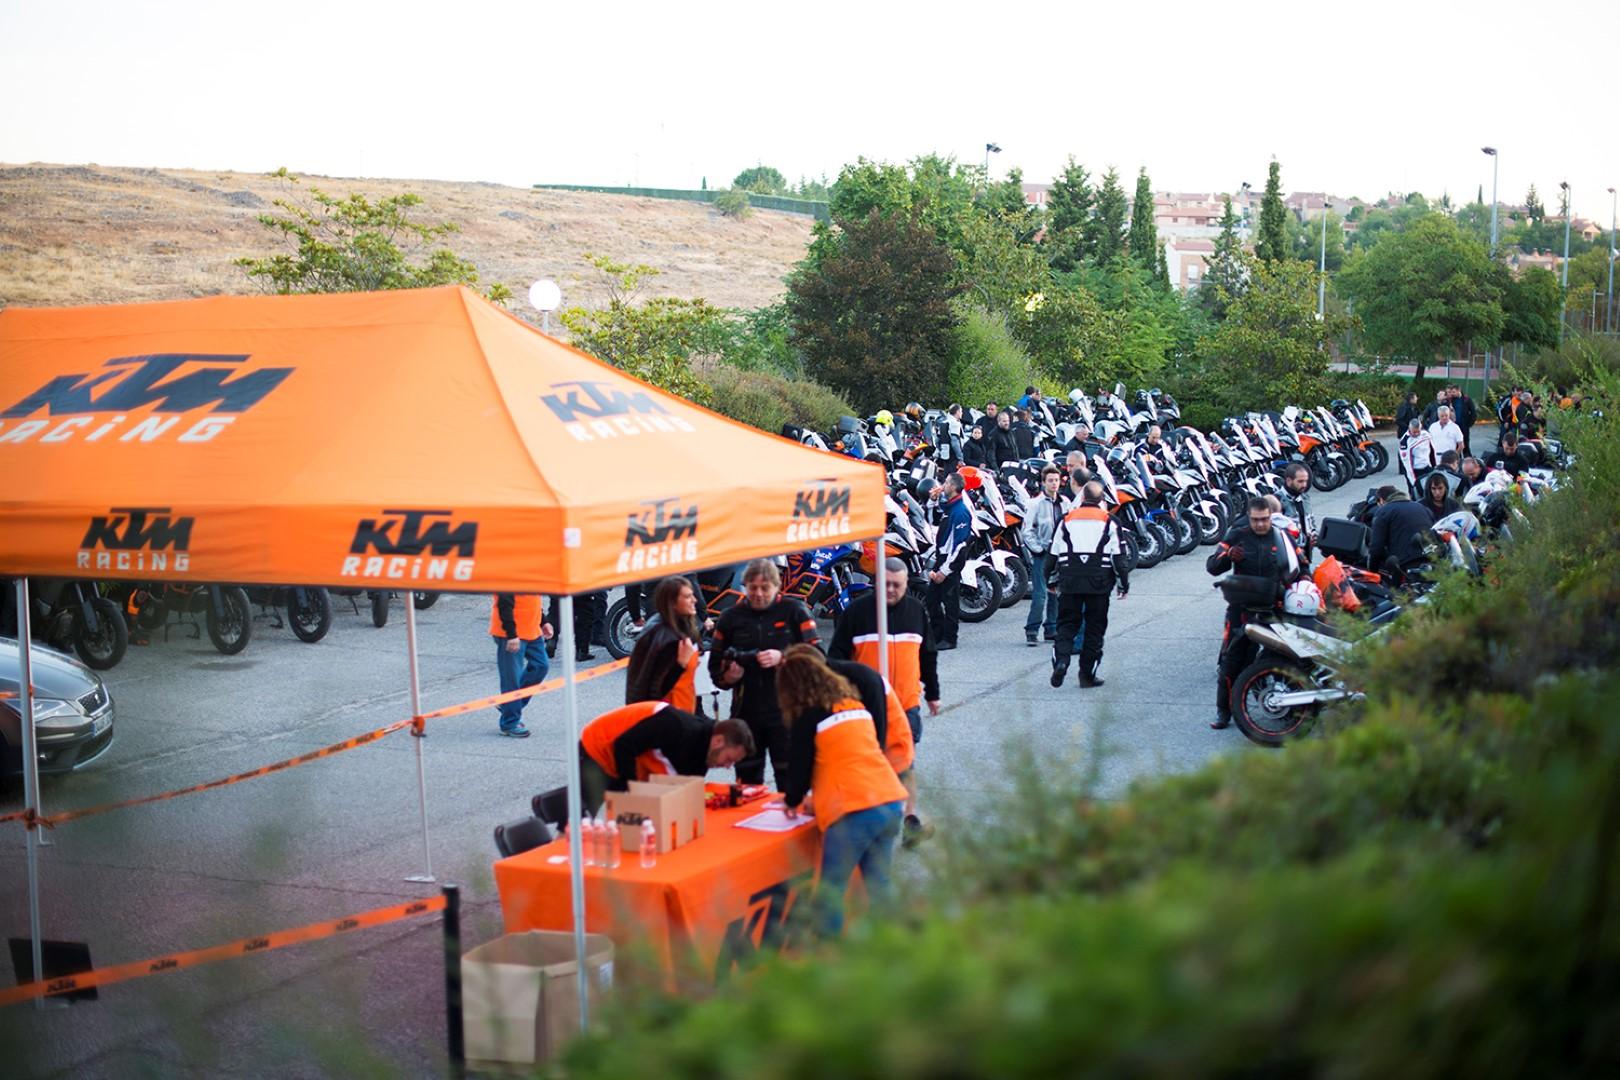 Reunión KTM Adventure 2017, ¡reserva tu plaza!